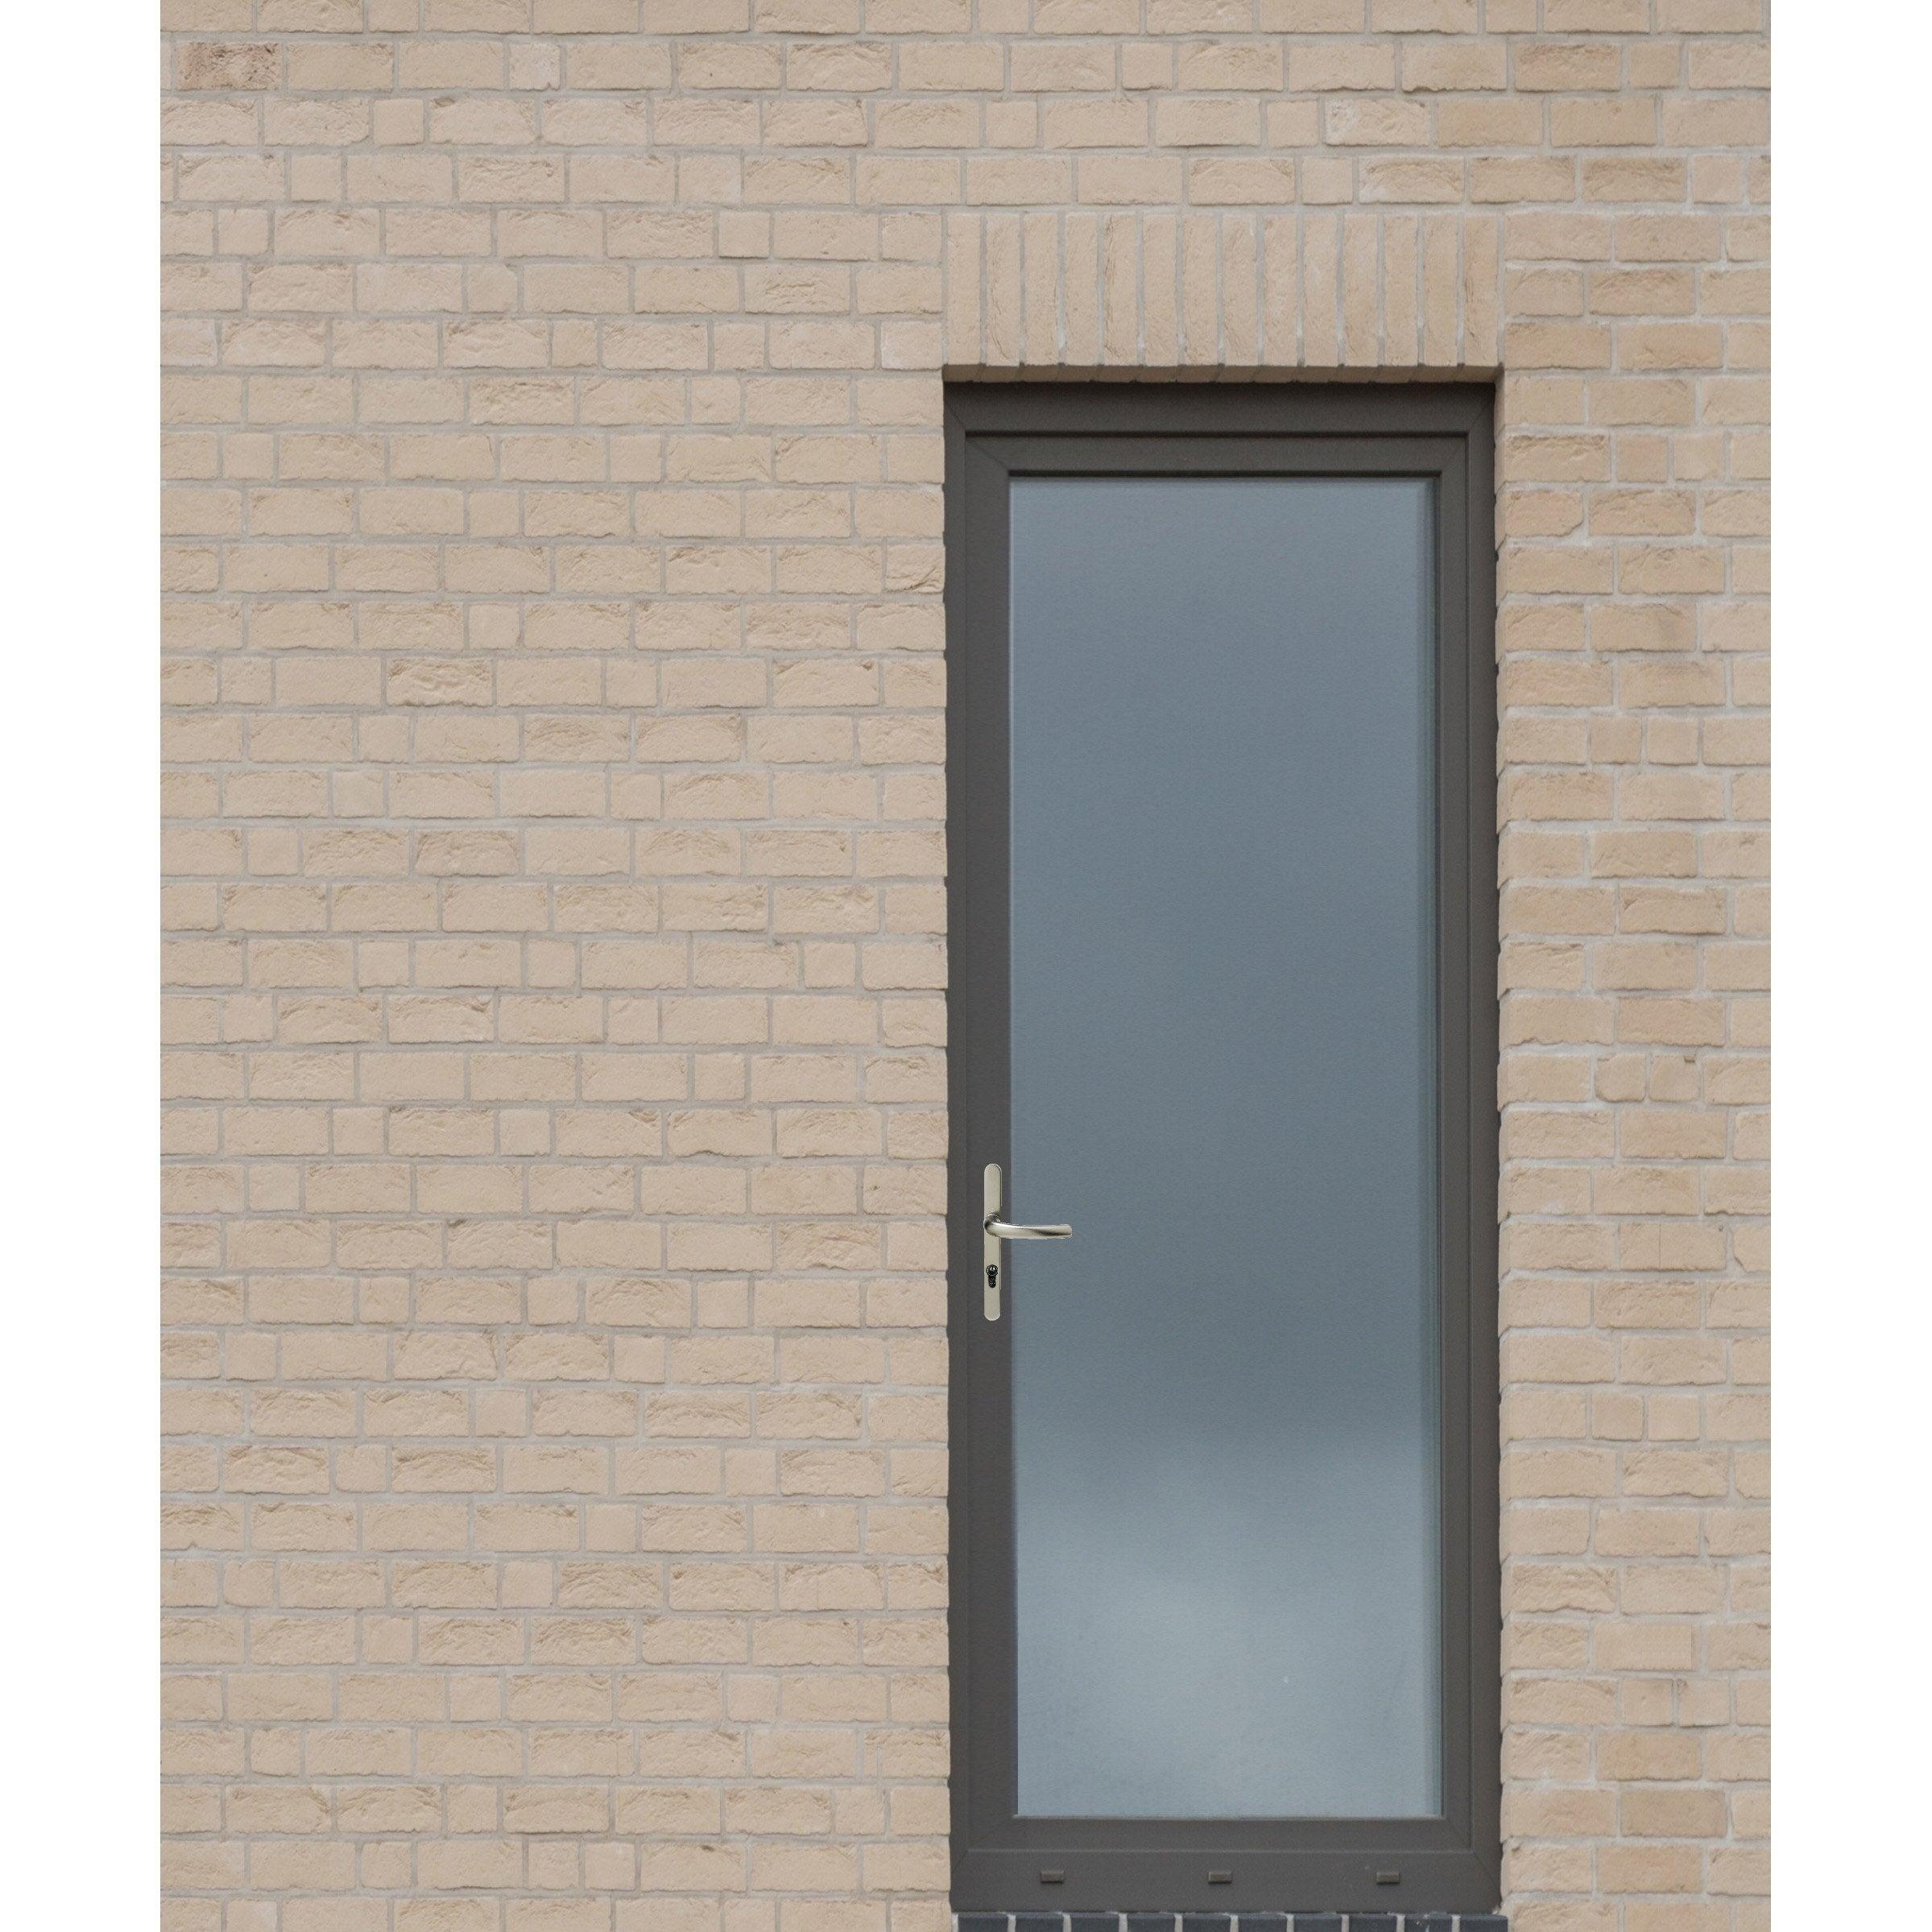 Peindre Fenetre Pvc En Gris porte-fenêtre pvc h215 x l90 cm, gris anthracite / blanc, 1 tirant gauche